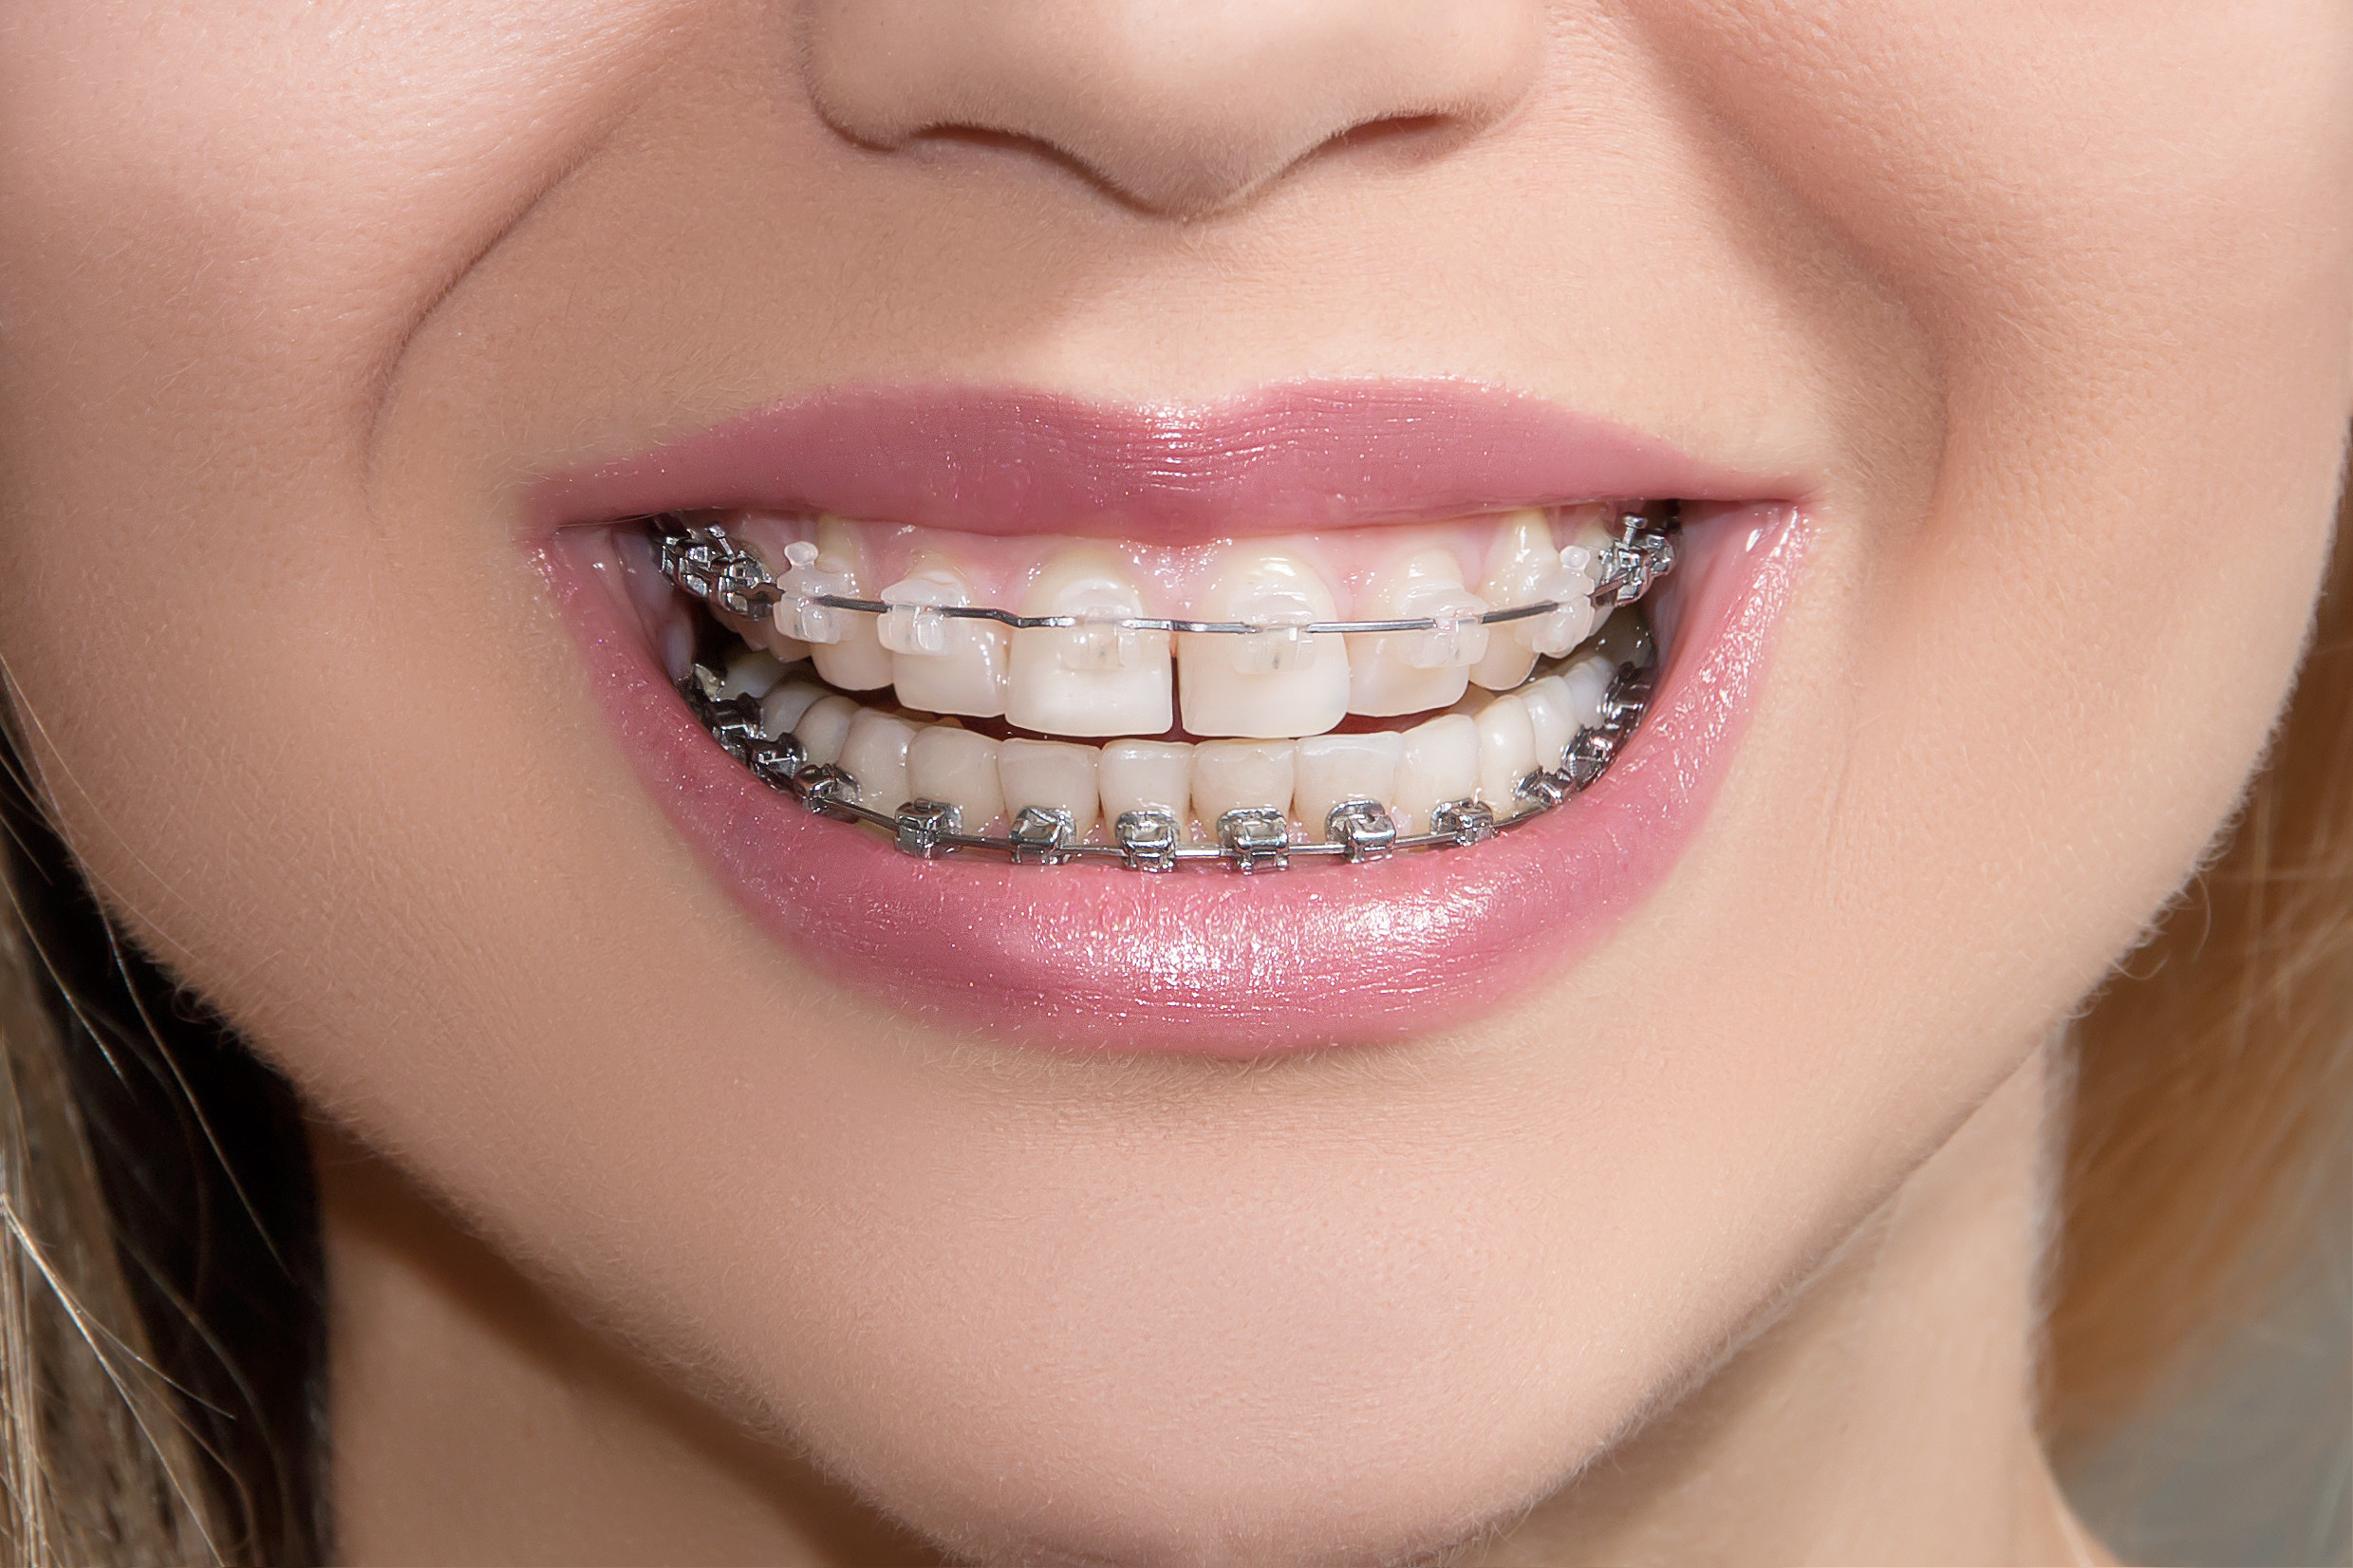 Tratamiento de Ortodoncia